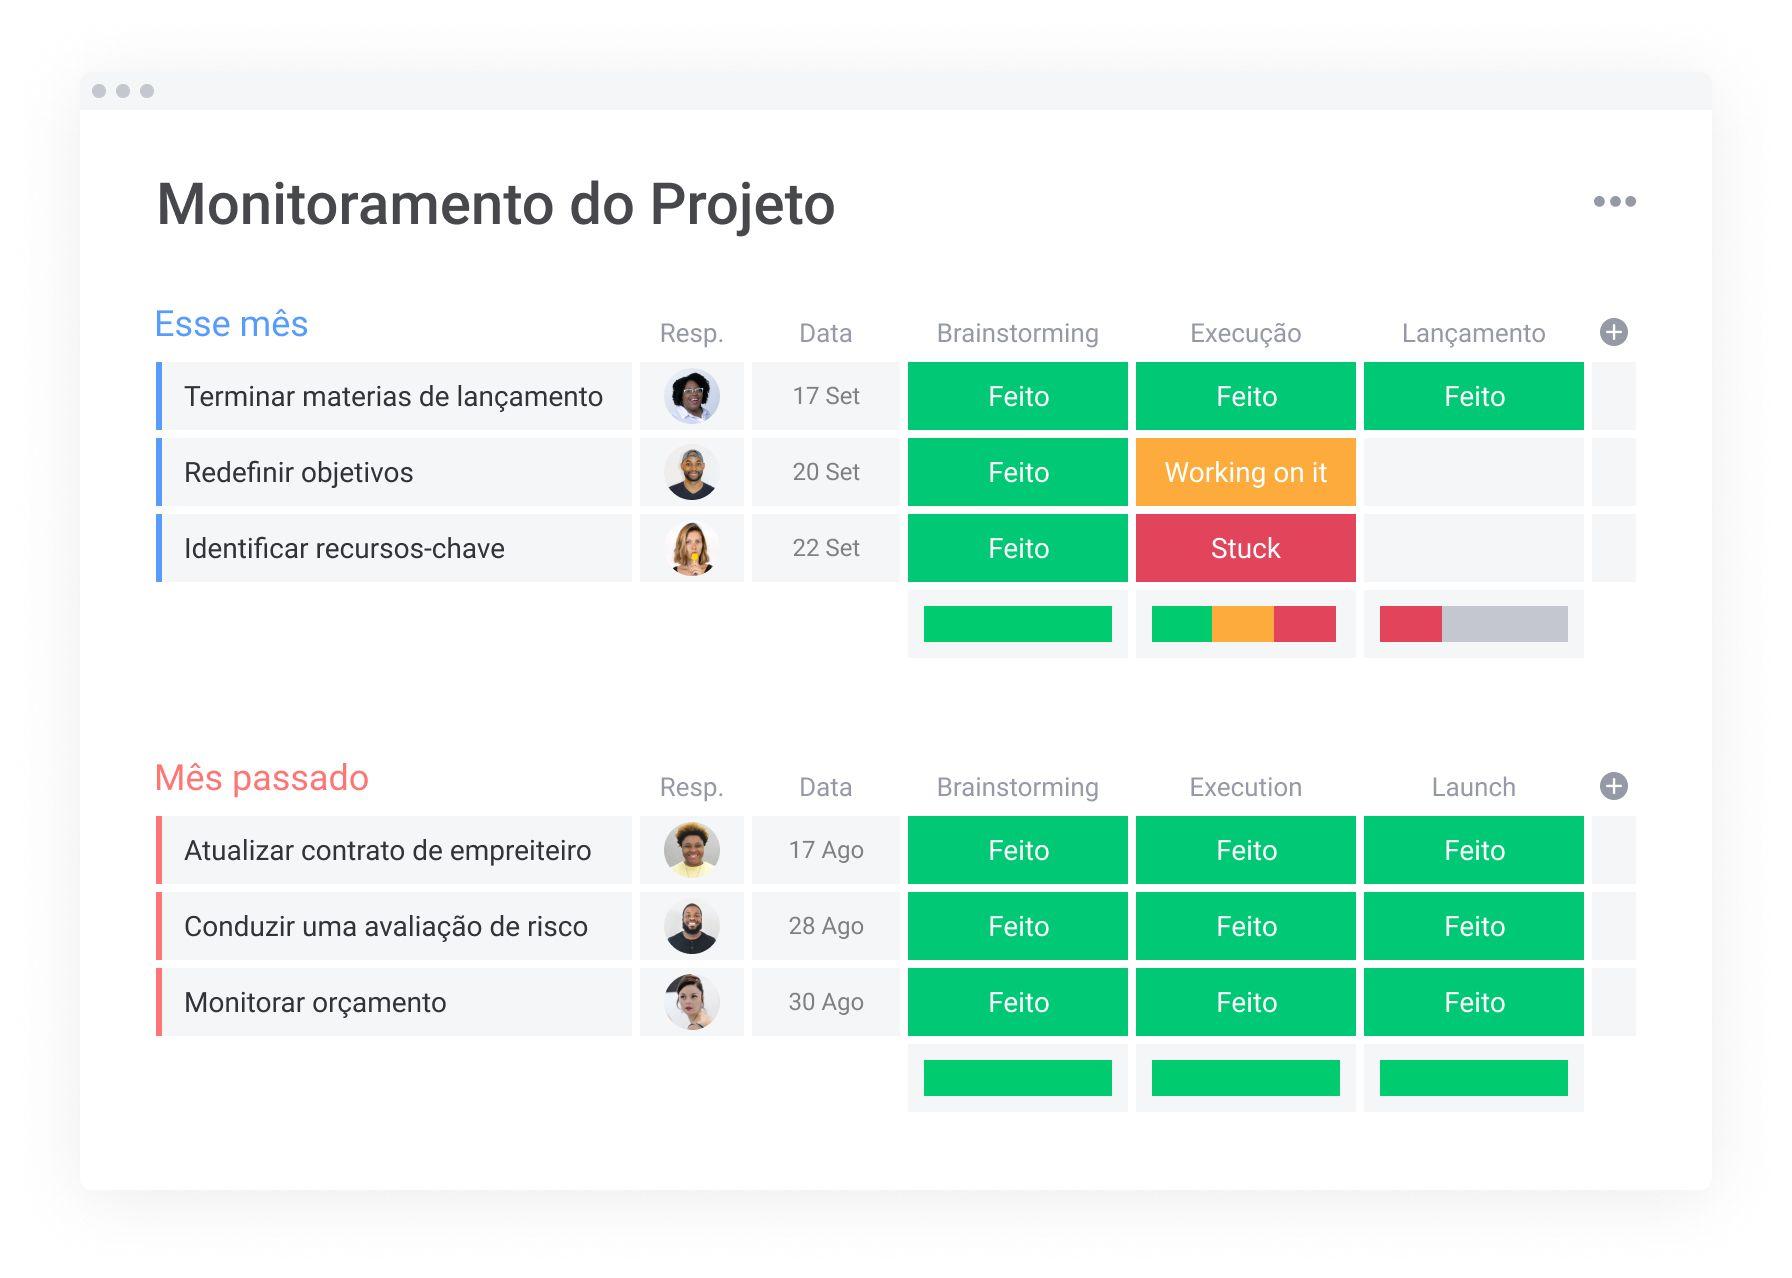 Comece agora com este template de monitoramento de projeto